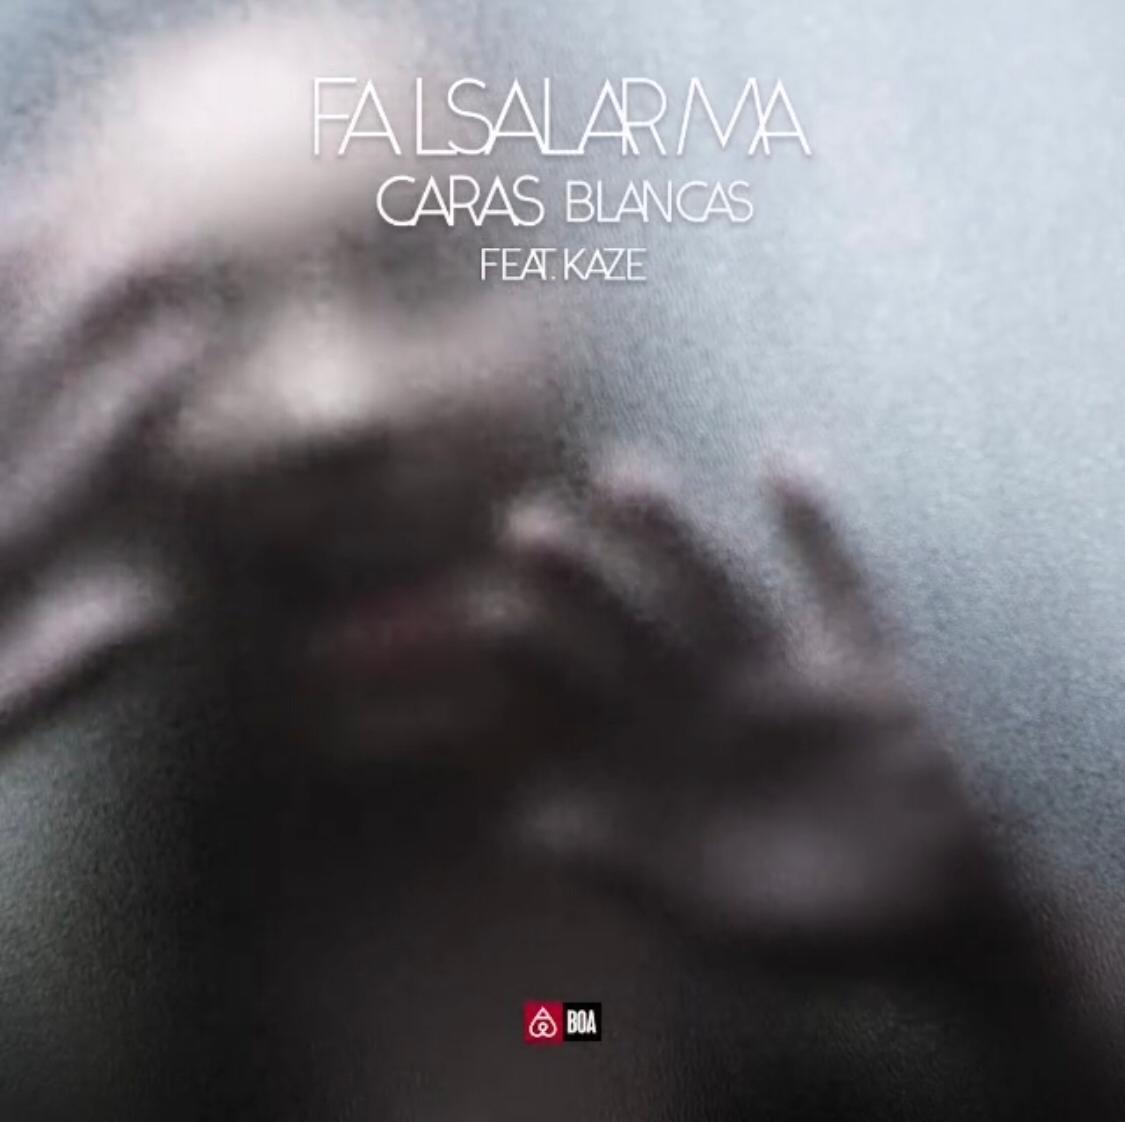 Aquí está el adelanto del nuevo disco de Falsalarma